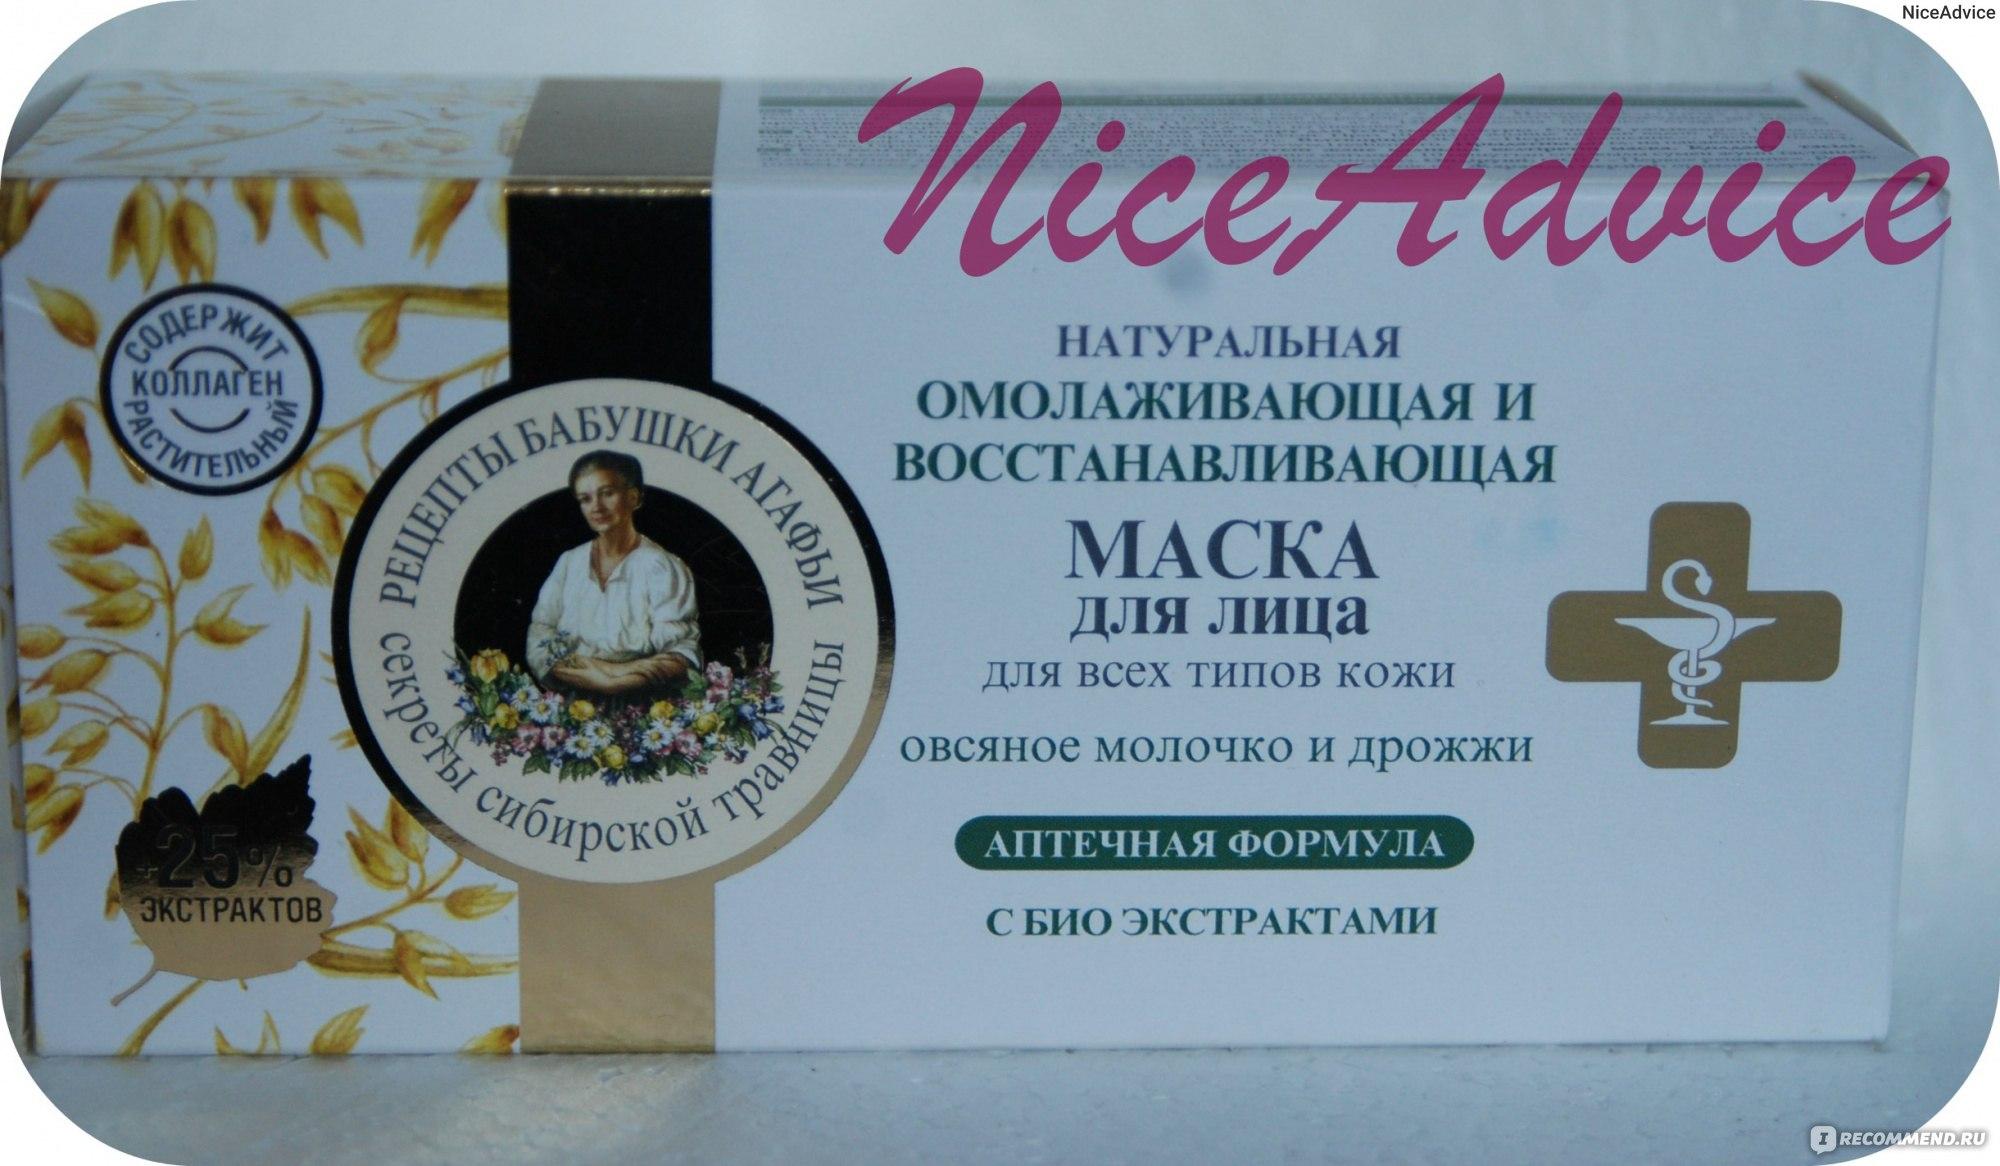 Косметика бабушки агафьи купить в нижнем новгороде косметика катрис купить волгоград